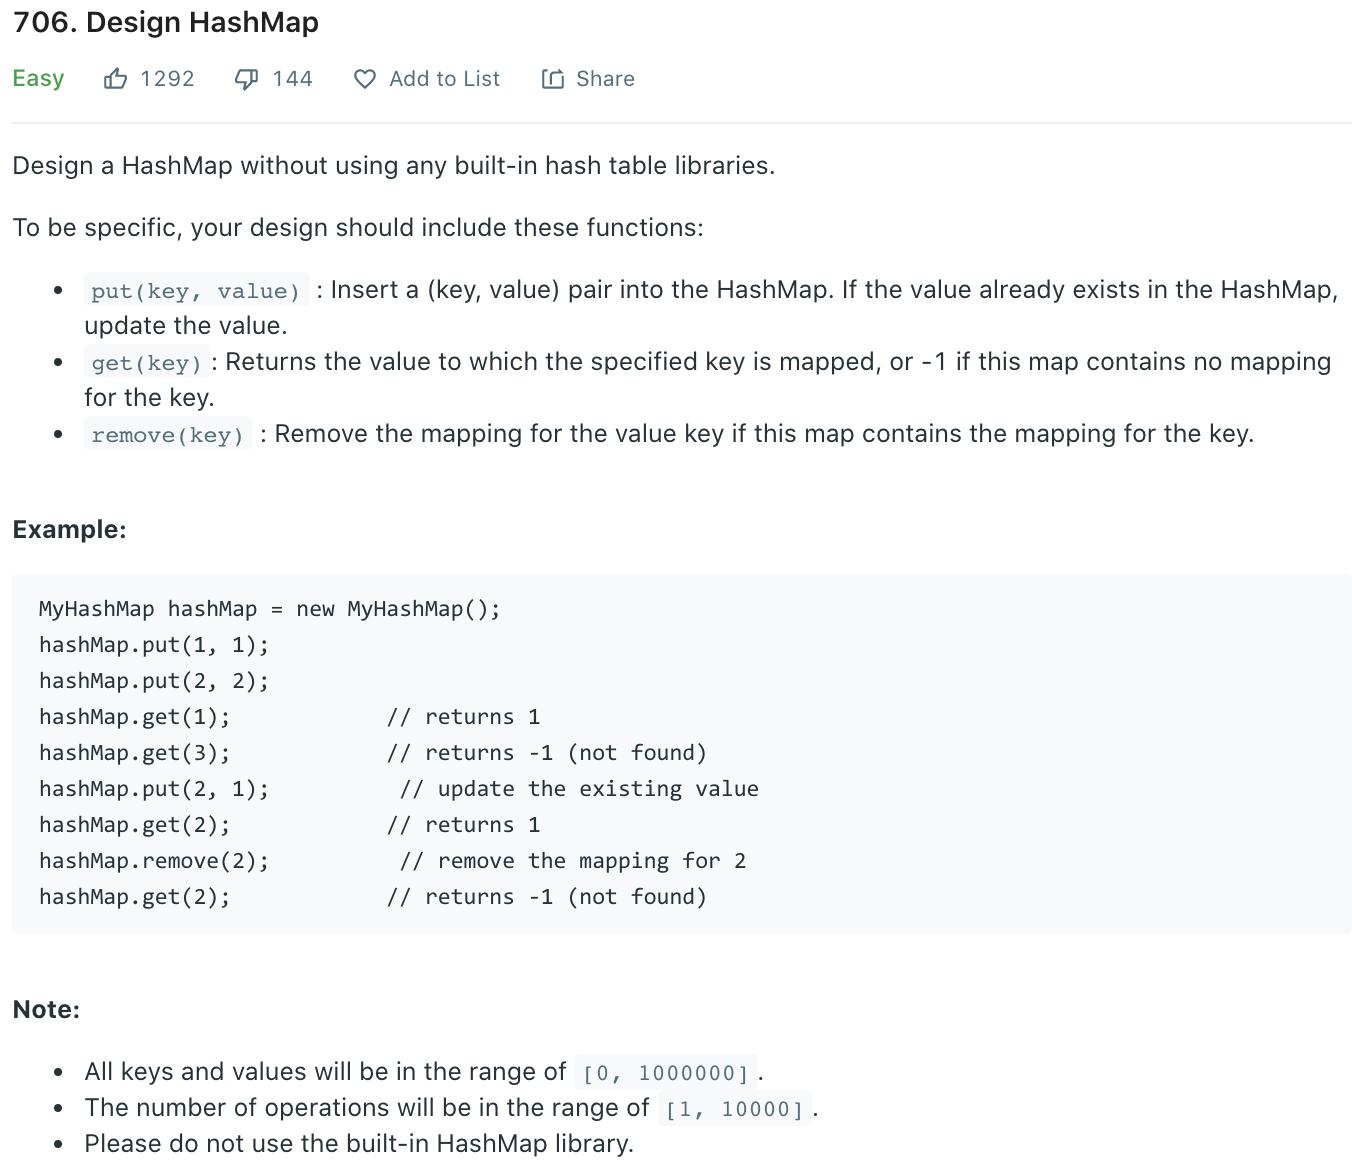 Design HashMap